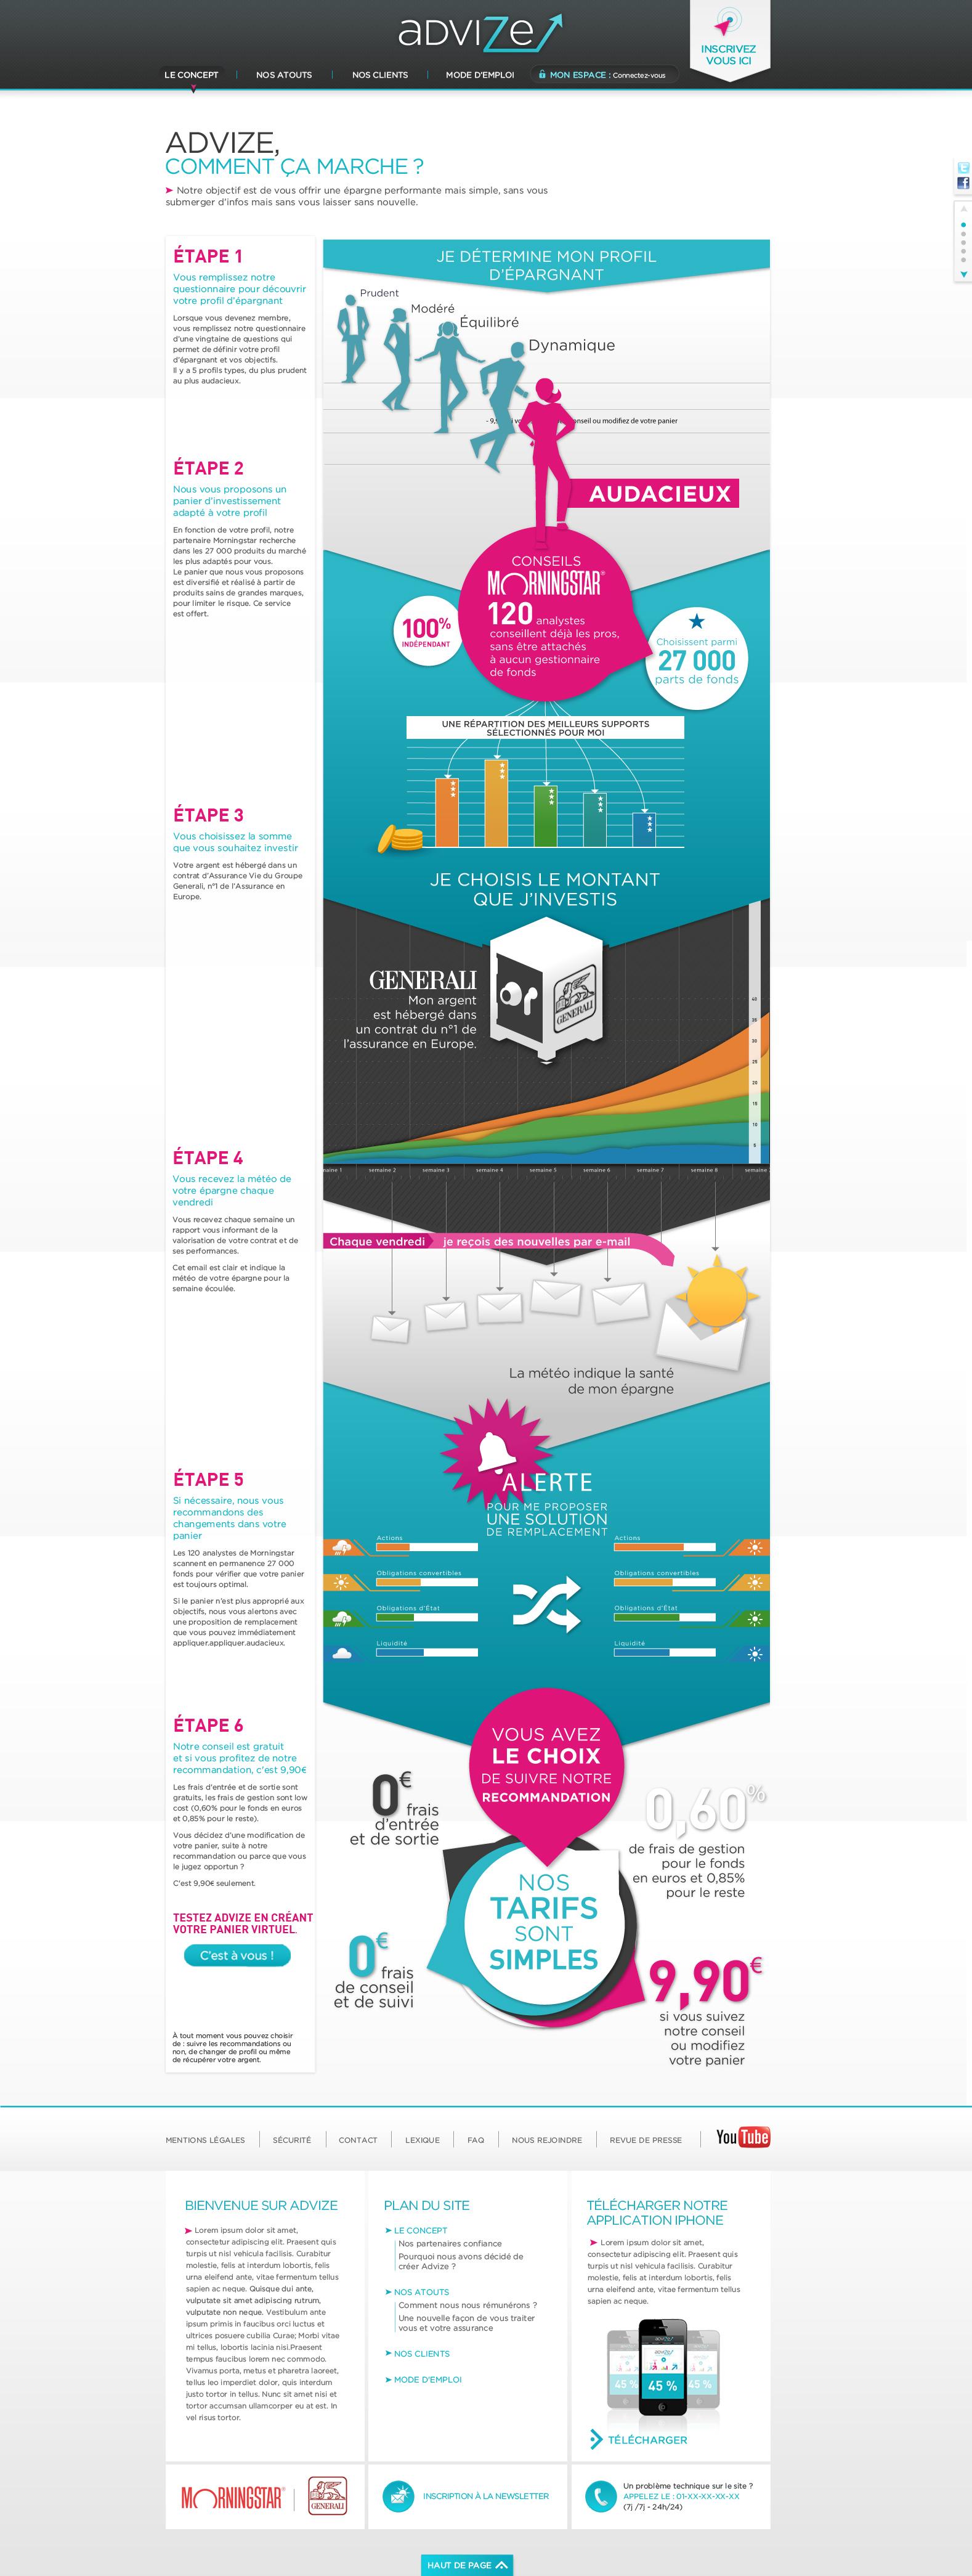 Découvrez l'infographie du produit financier d'Advize, courtier en assurance vie sur internet